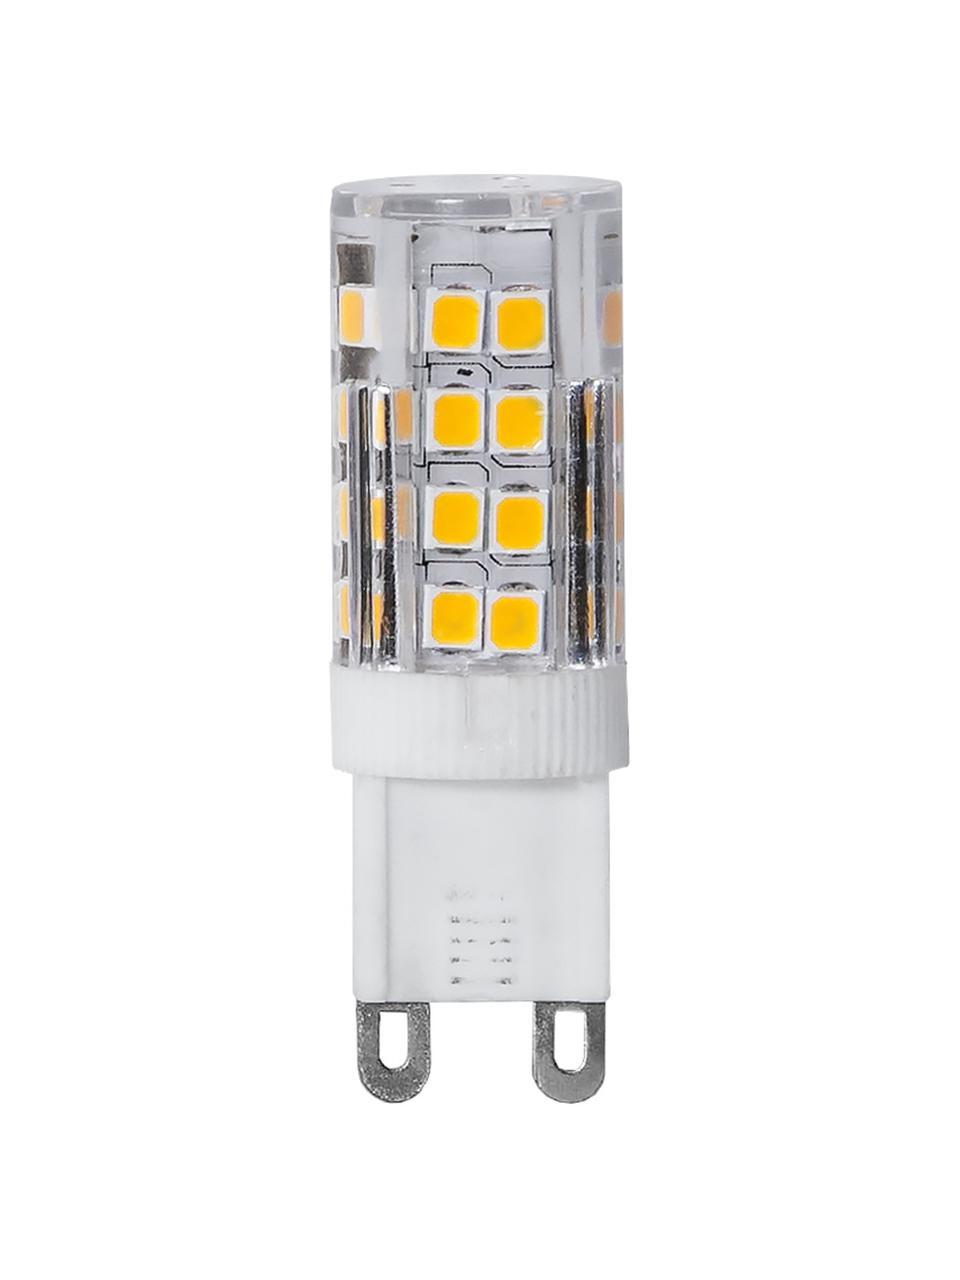 G9 Leuchtmittel, 2.8W, warmweiß, 4 Stück, Leuchtmittelschirm: Glas, Leuchtmittelfassung: Keramik, Transparent, Ø 2 x H 5 cm